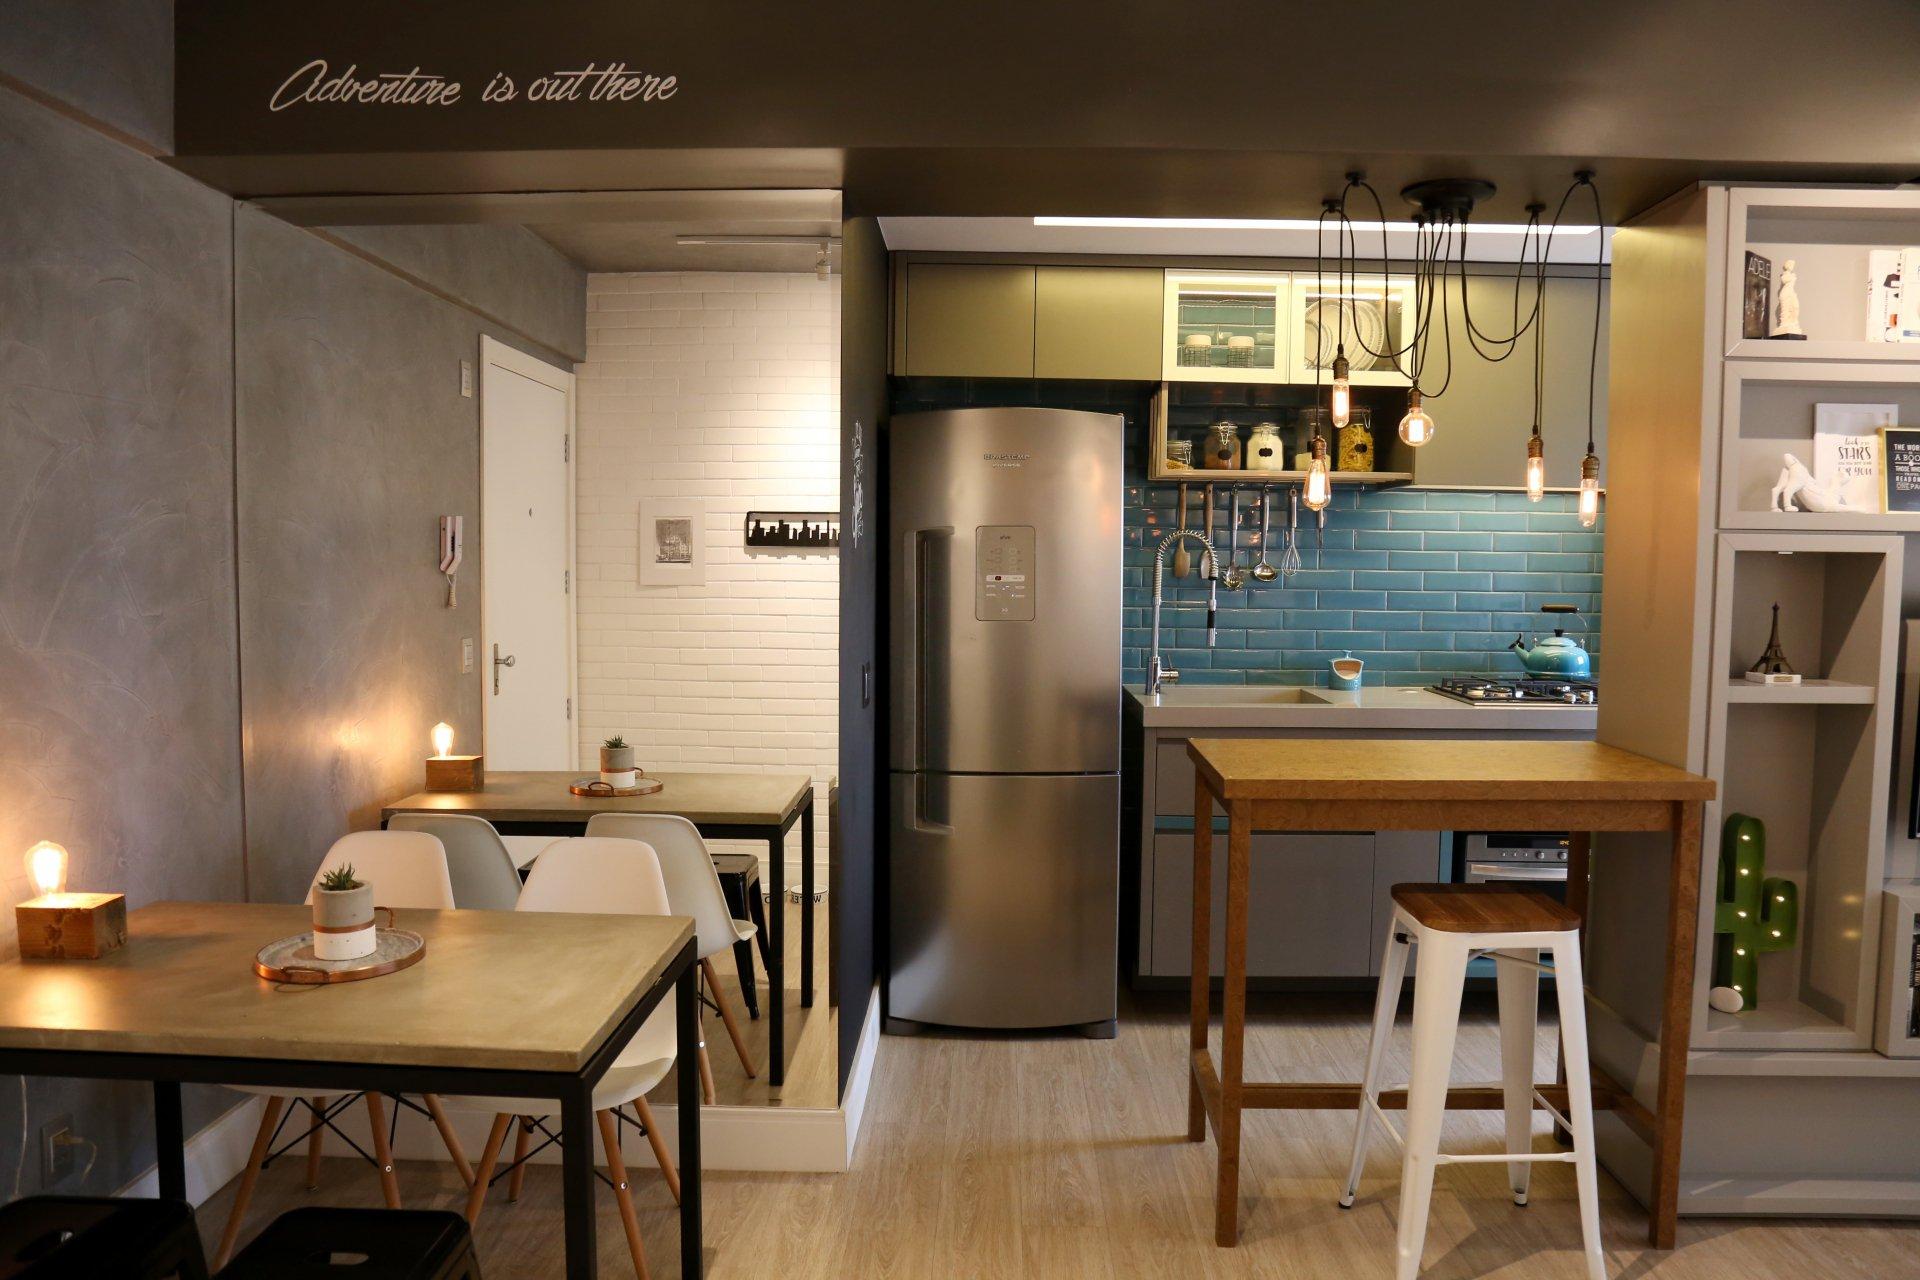 Apartamento @apt1002 de 54 m² em Porto Alegre, com vista para o Guaíba, é referência no Instagram a partir de soluções criativas para otimização de espaço no primeiro apartamento.